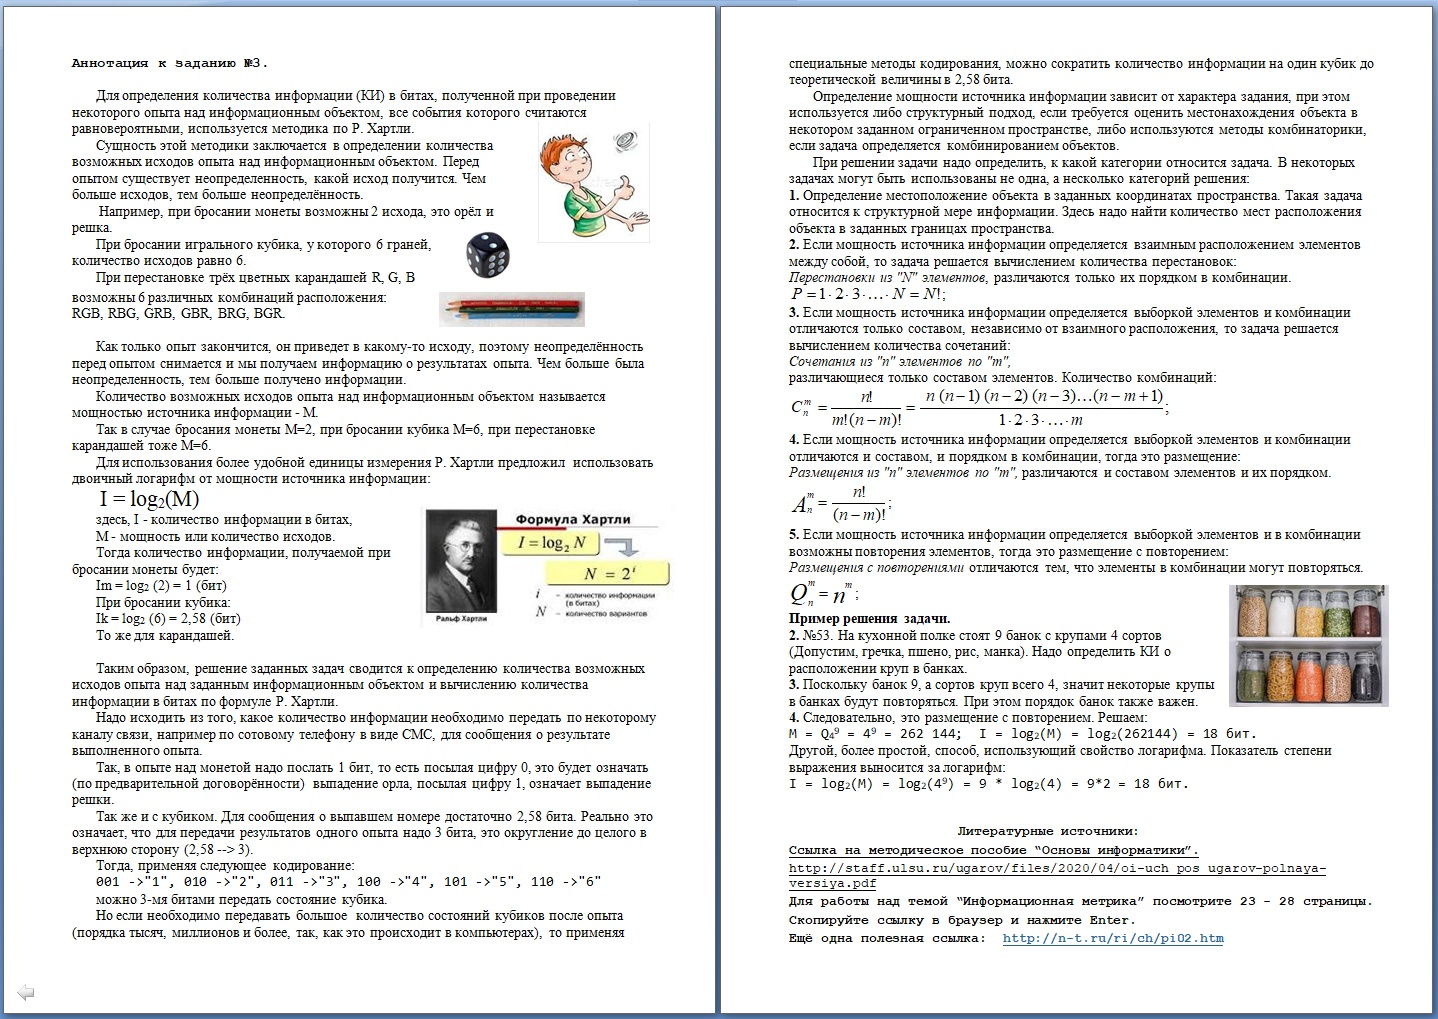 90-sam-3-informmetrika-ki-22